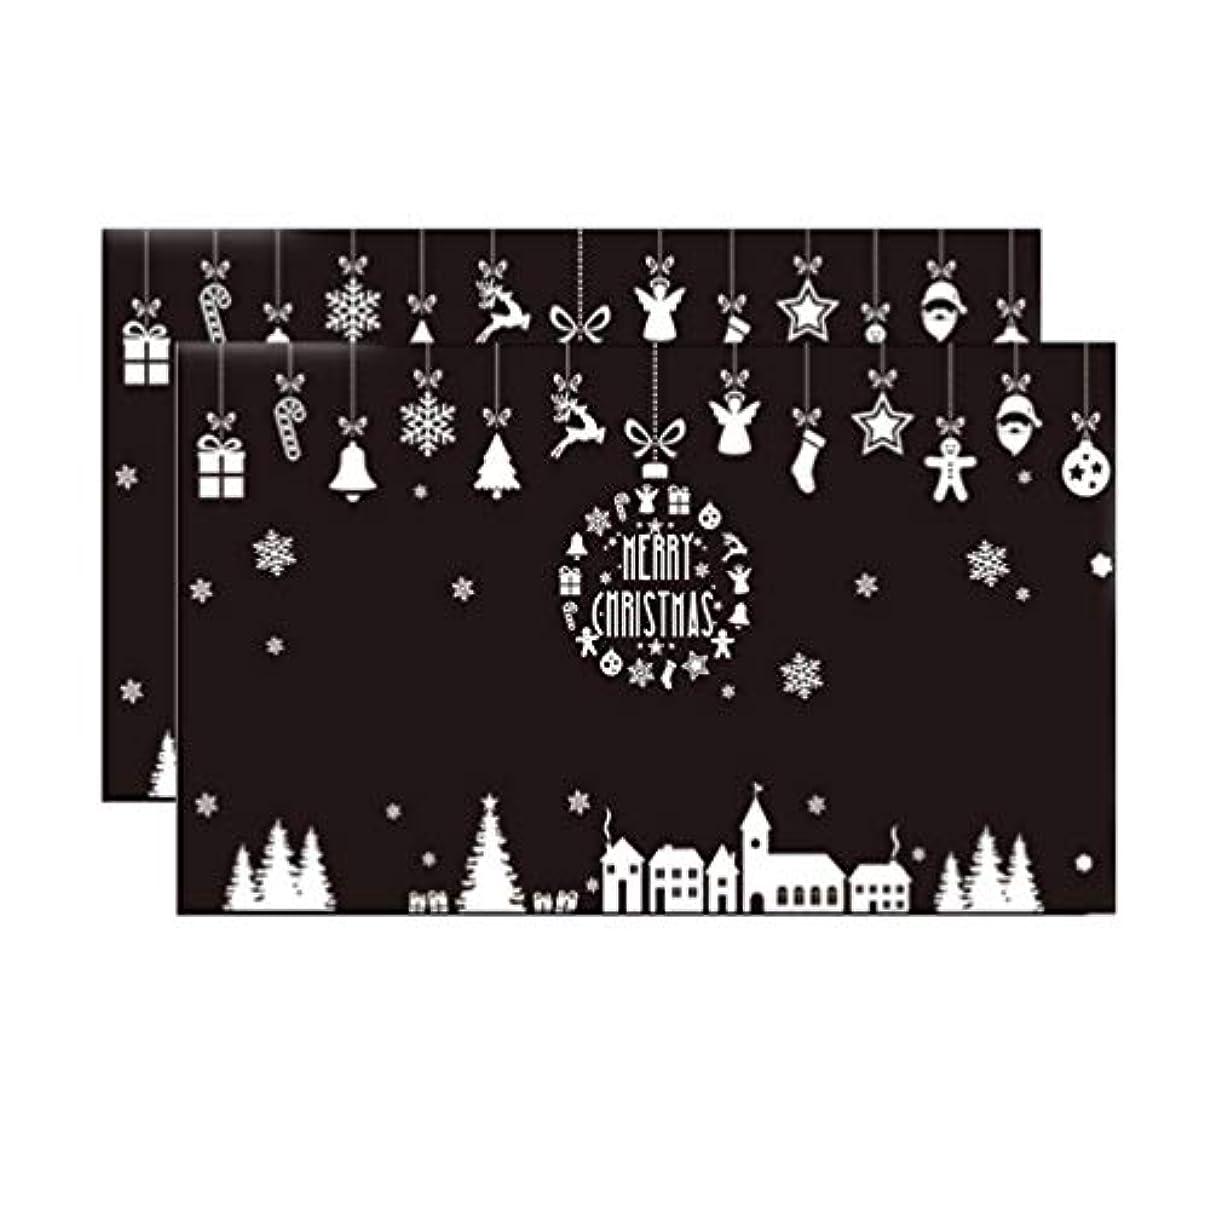 守銭奴用語集ポテトSUPVOX 2枚のクリスマスウィンドウにしがみつく装飾スノーフレークウィンドウデカールステッカークリスマス冬のホリデーパーティー用品好意